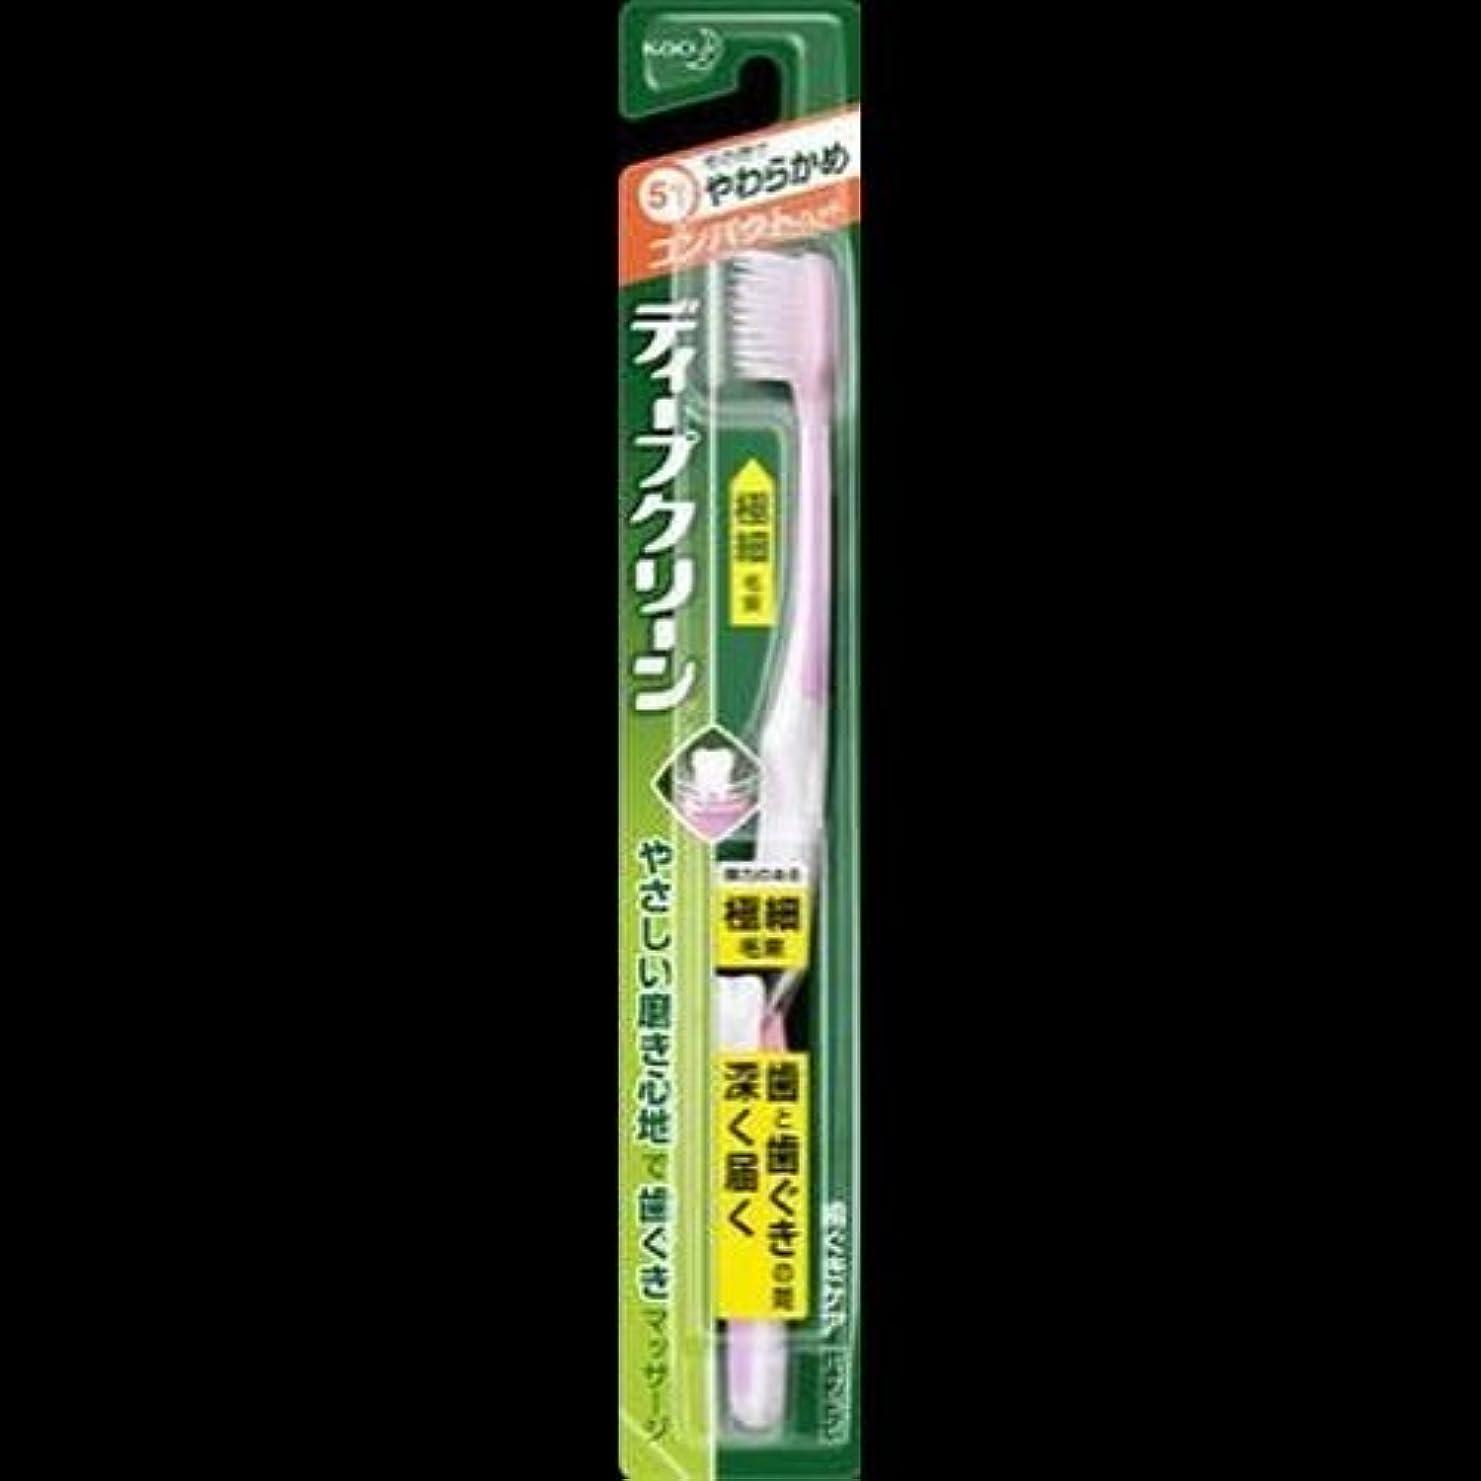 ファウルエレガント繁栄【まとめ買い】ディープクリーン ハブラシ コンパクト やわらかめ ×2セット